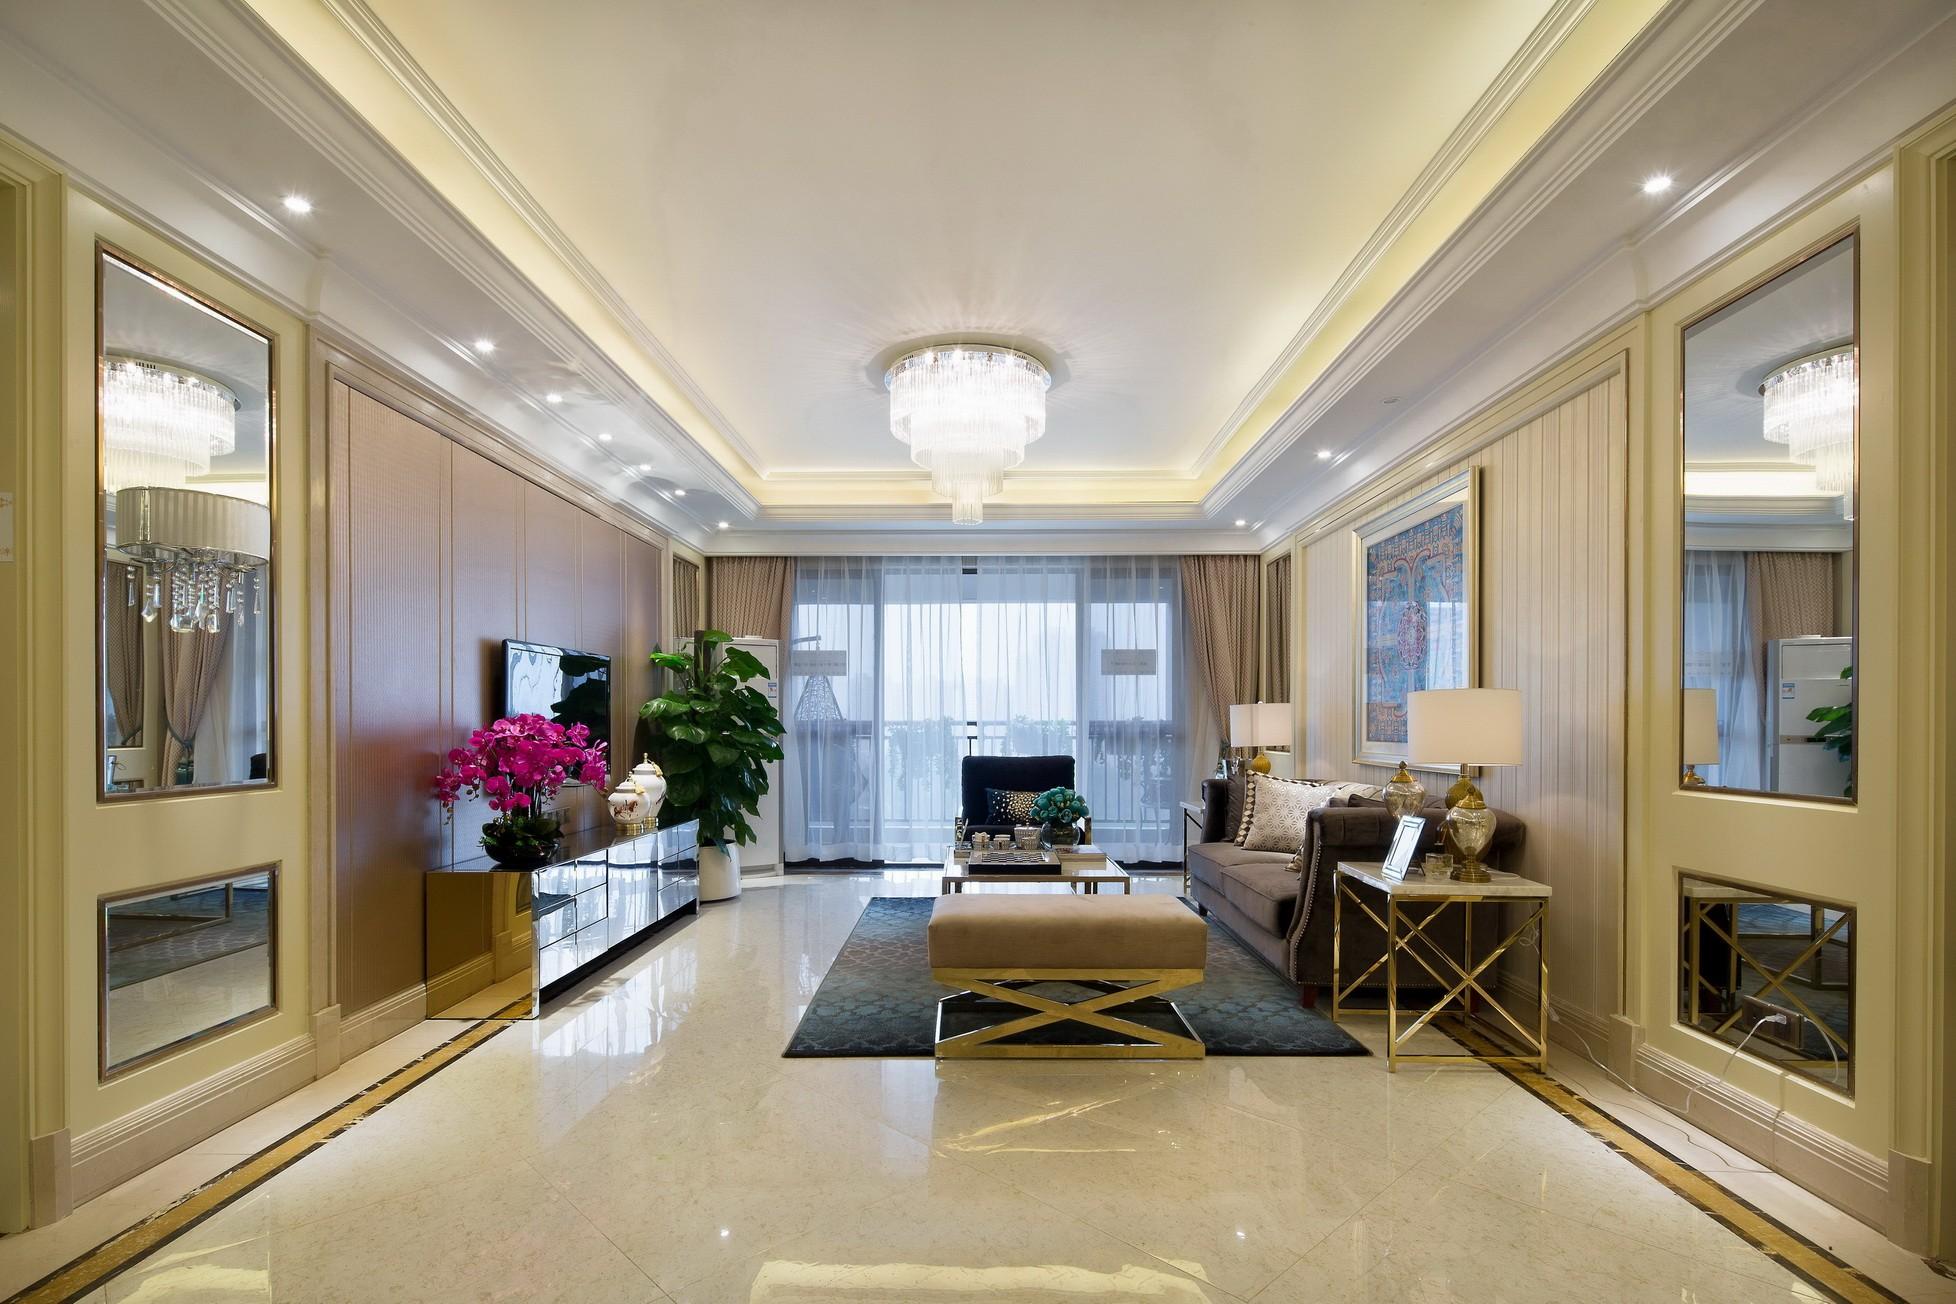 简欧风格样板房客厅装修效果图